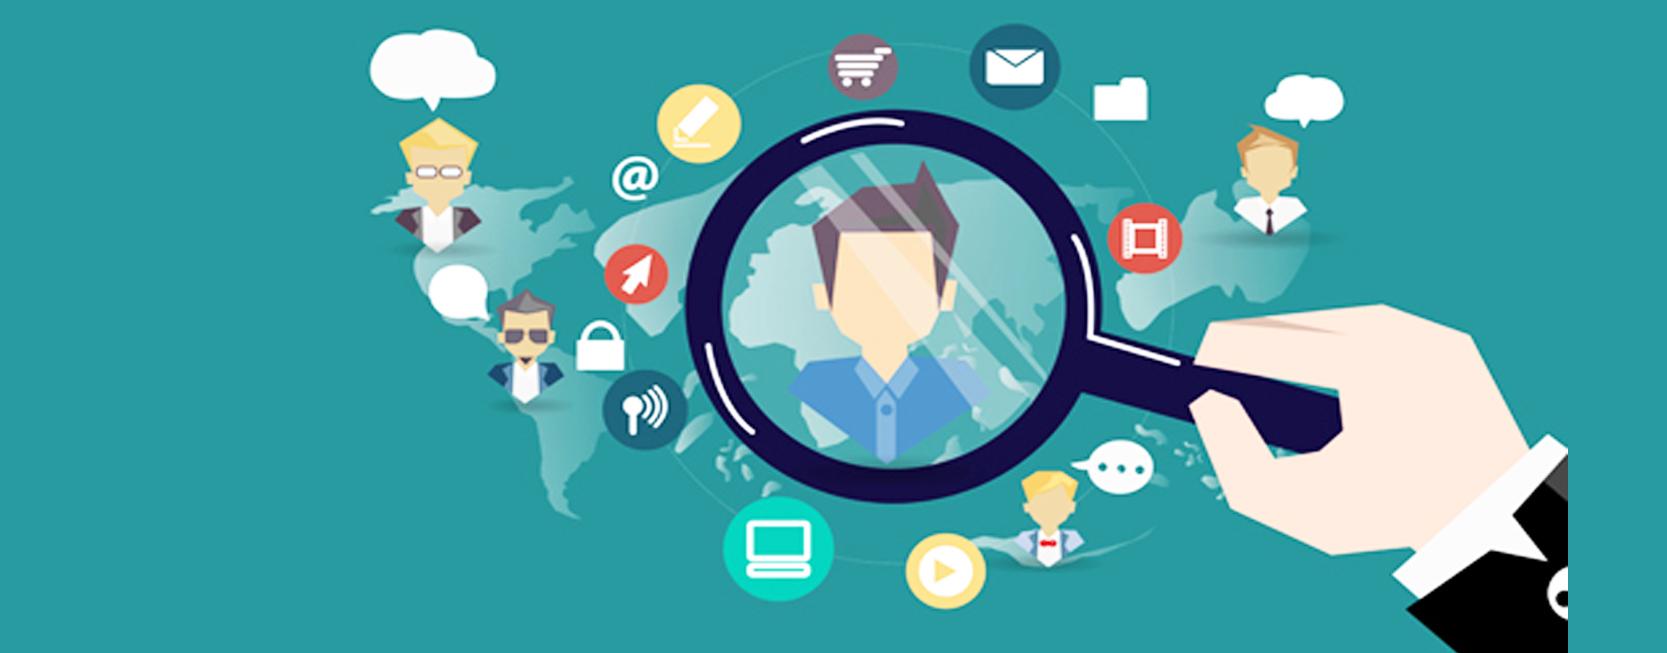 خطوات التوجه للتسويق الإلكتروني